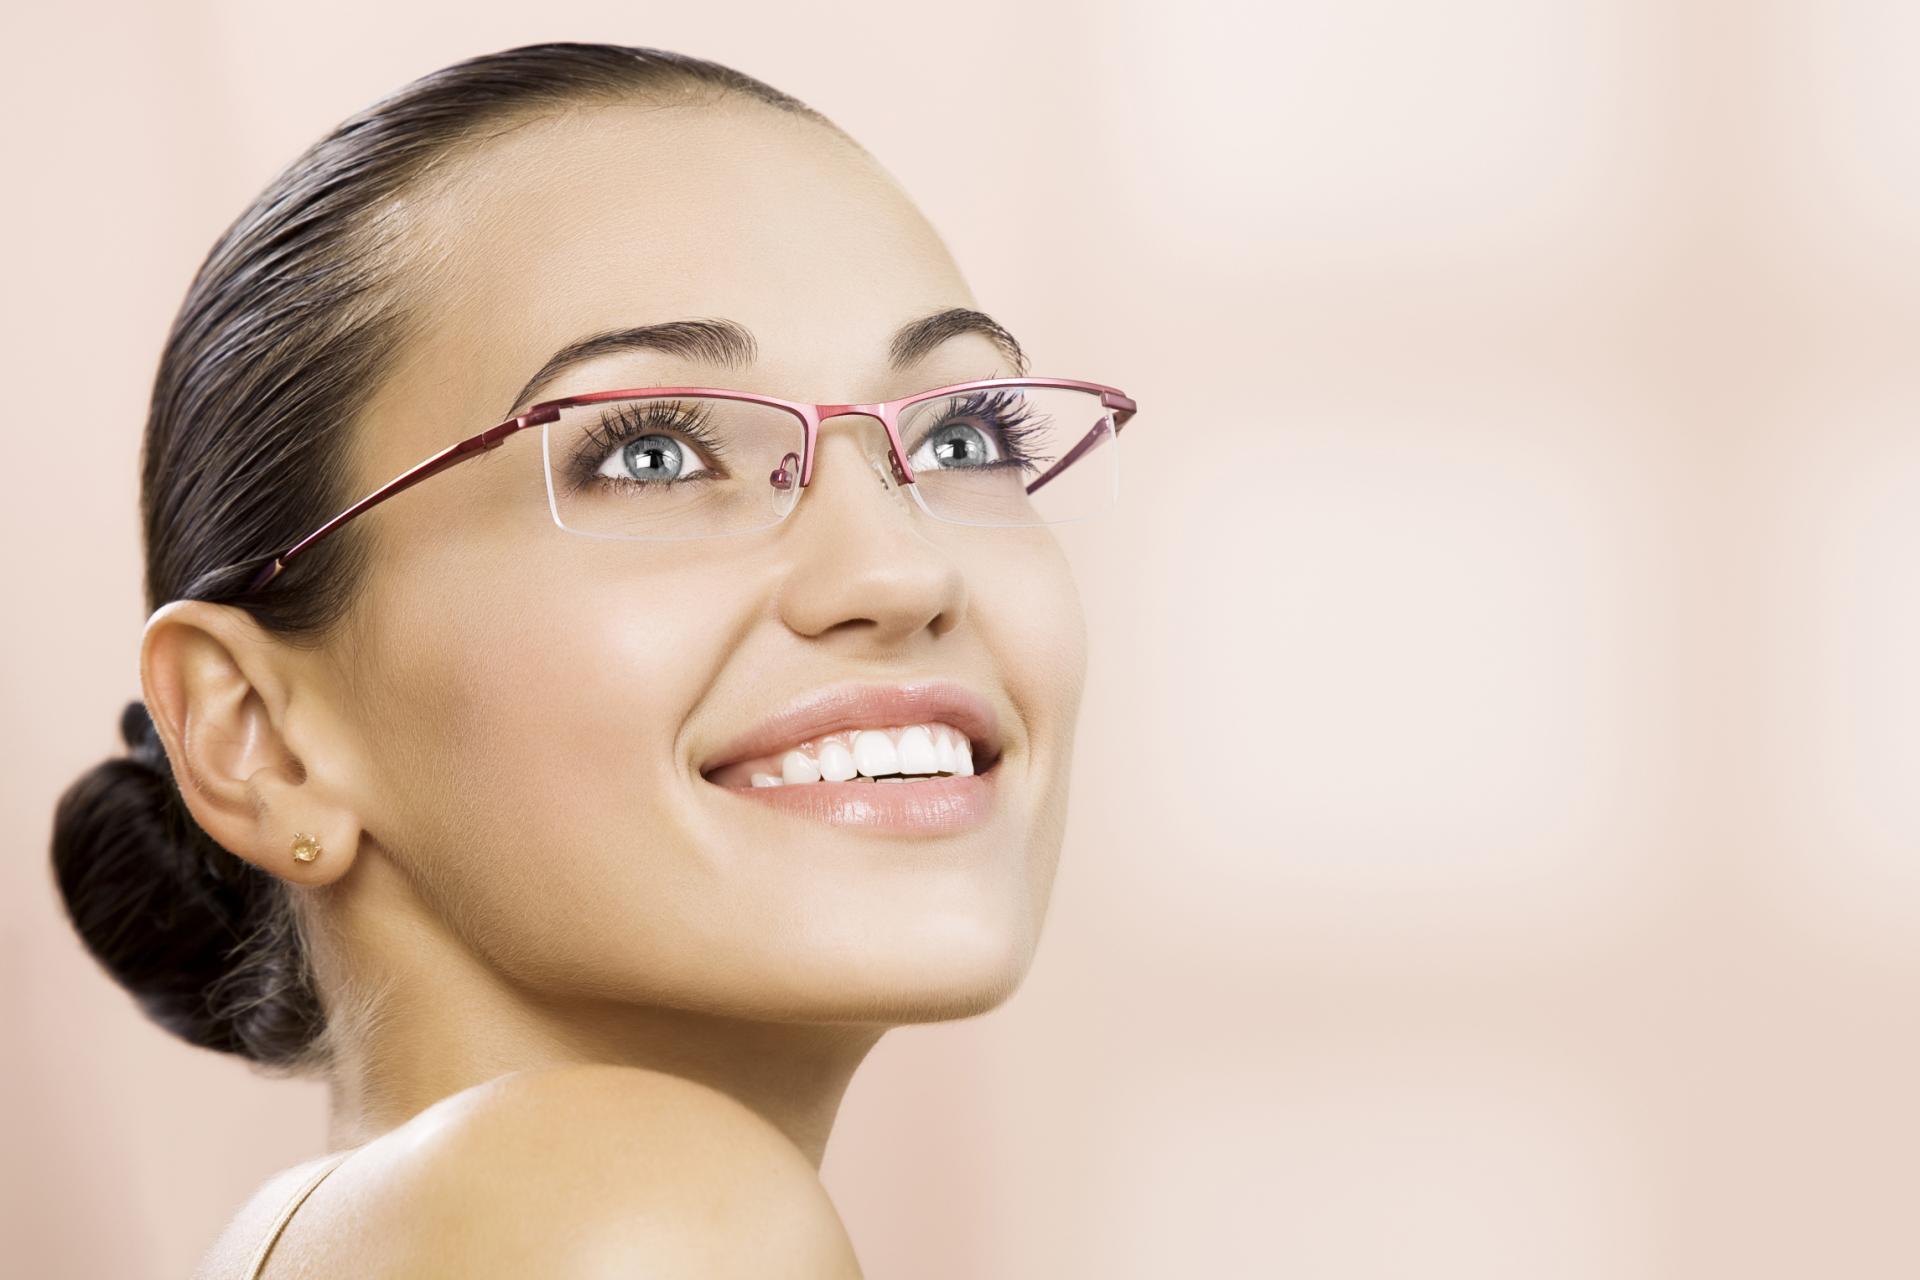 Ангиопатия сетчатки глаз: как устранить болезнь и сохранить зрение?